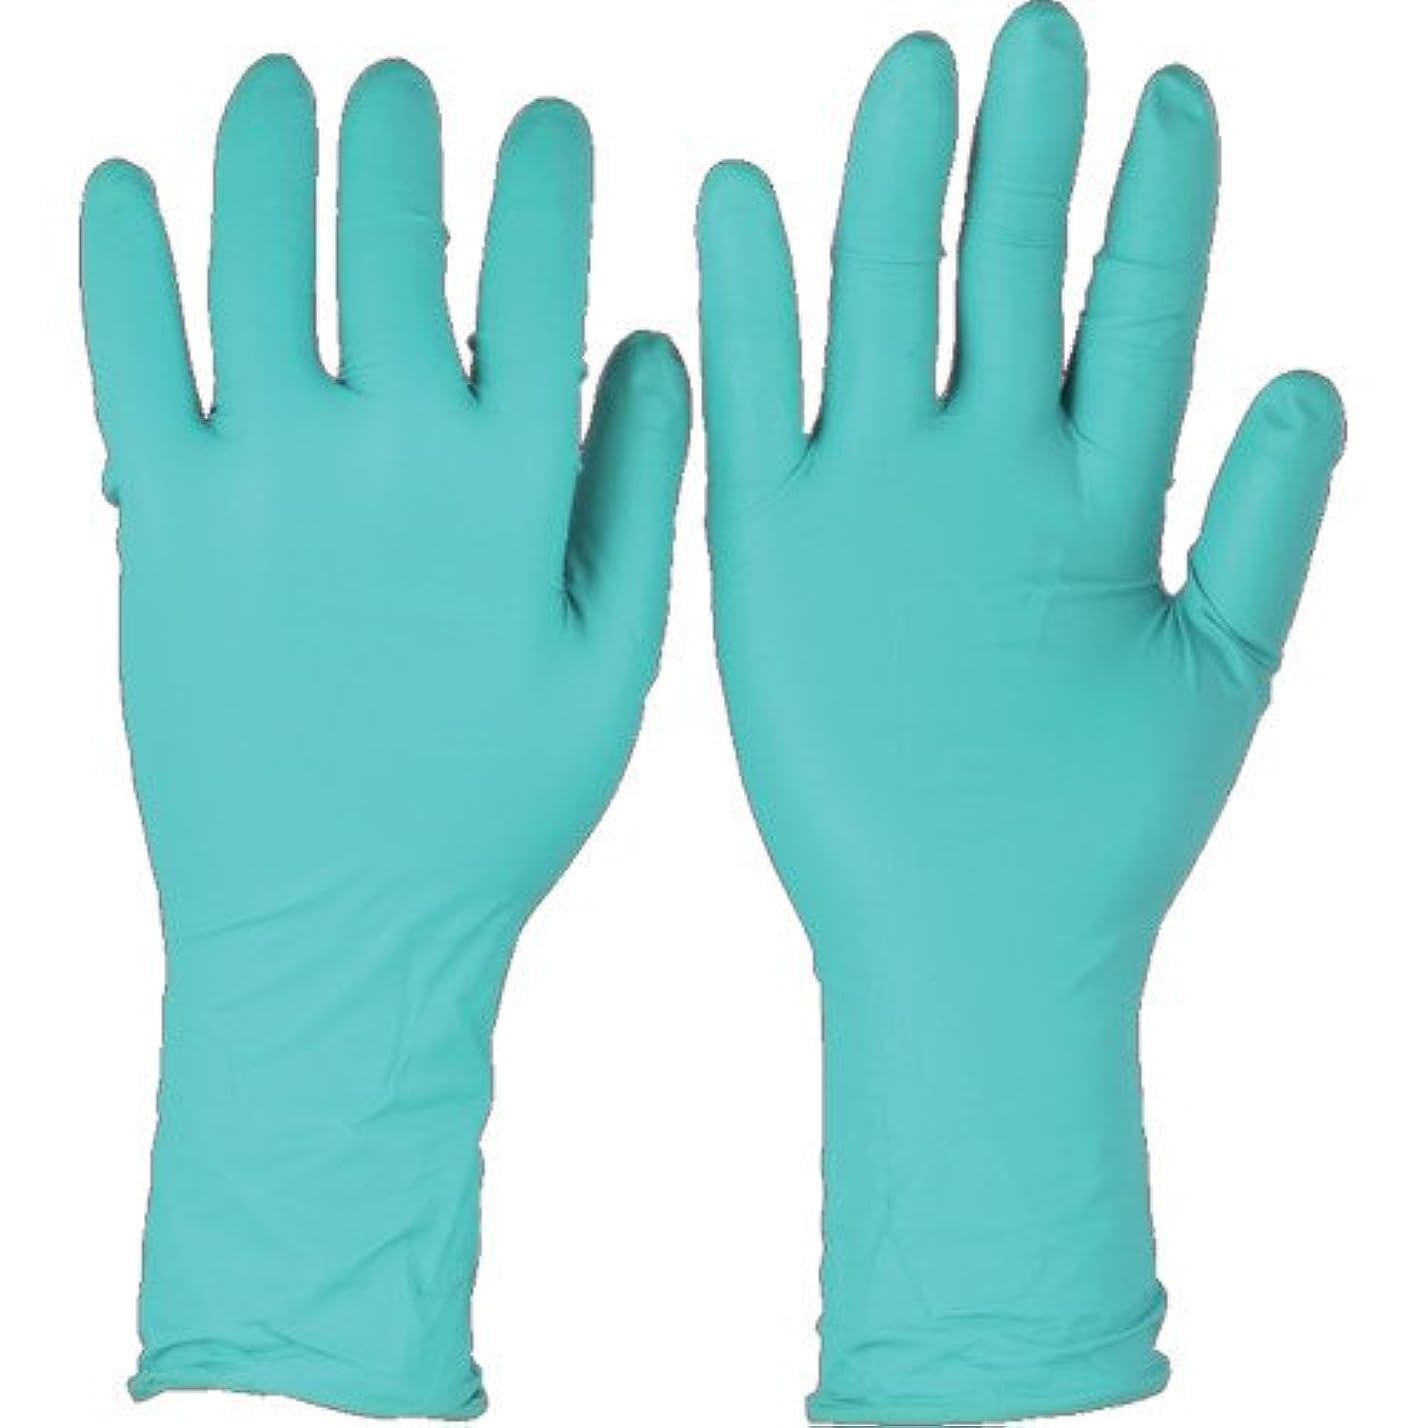 ひどいアフリカ角度トラスコ中山 アンセル ネオプレンゴム使い捨て手袋 マイクロフレックス 93-260 Mサイズ (50枚入)  932608